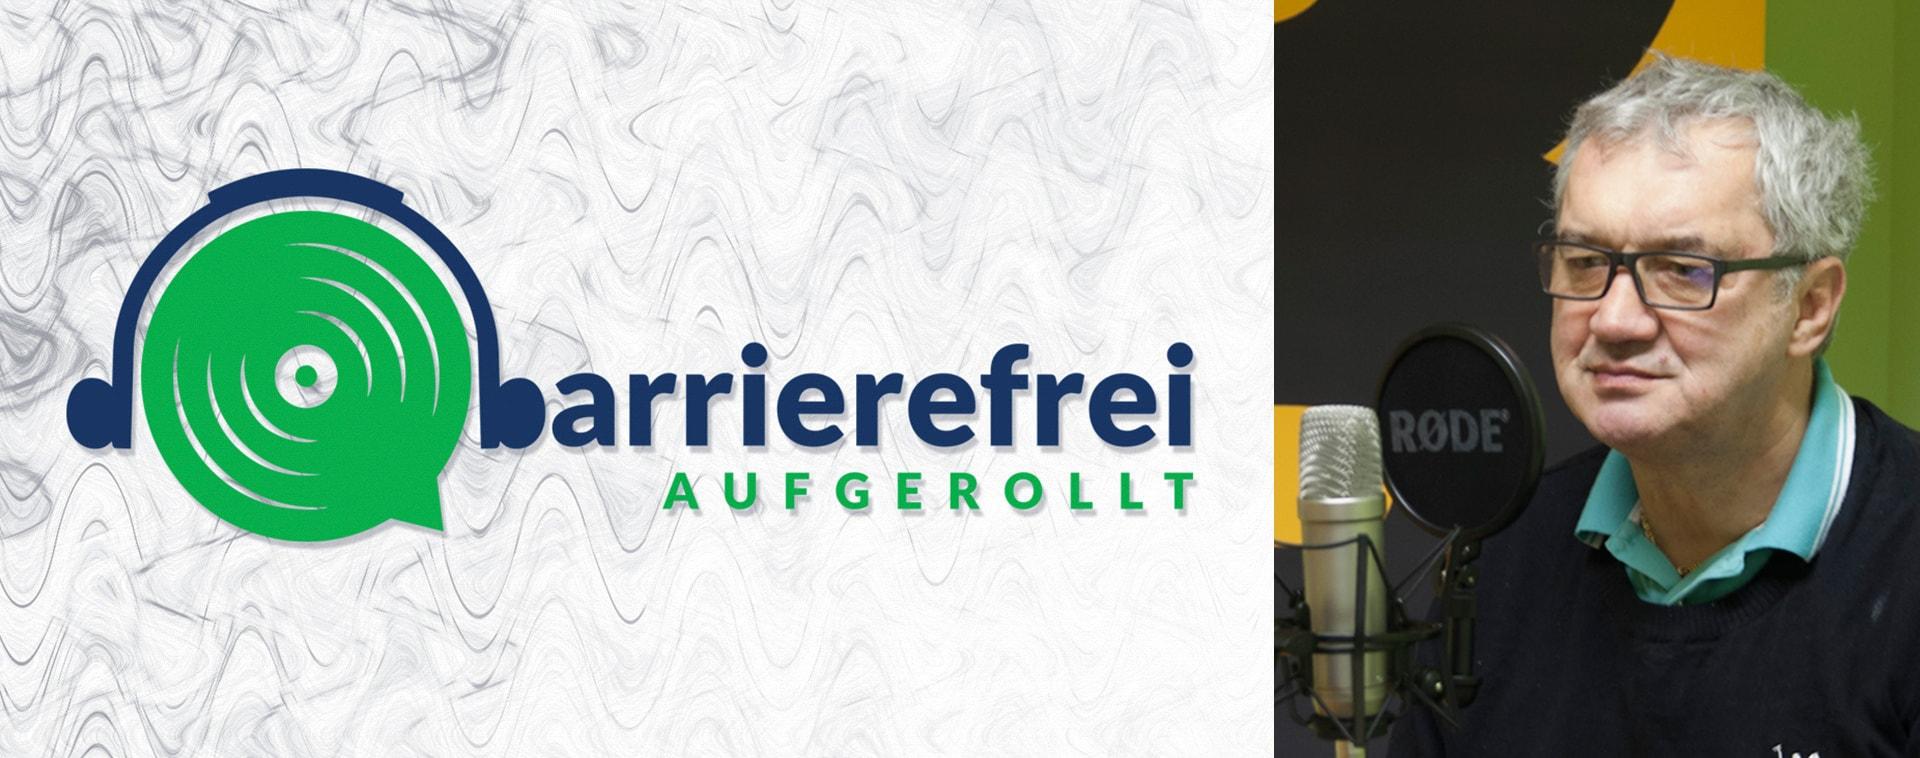 Die linken 2 Drittel sind das Logo von barrierefrei aufgerollt, ein Kopfhörer der auf einem Lautsprecher sitzt und das b geht über zu barrierefrei aufgerollt. Das rechte Drittel zeigt ein Portraitfoto von Oswald Föllerer neben einem Mikrofon mit Aufschrift Rode.